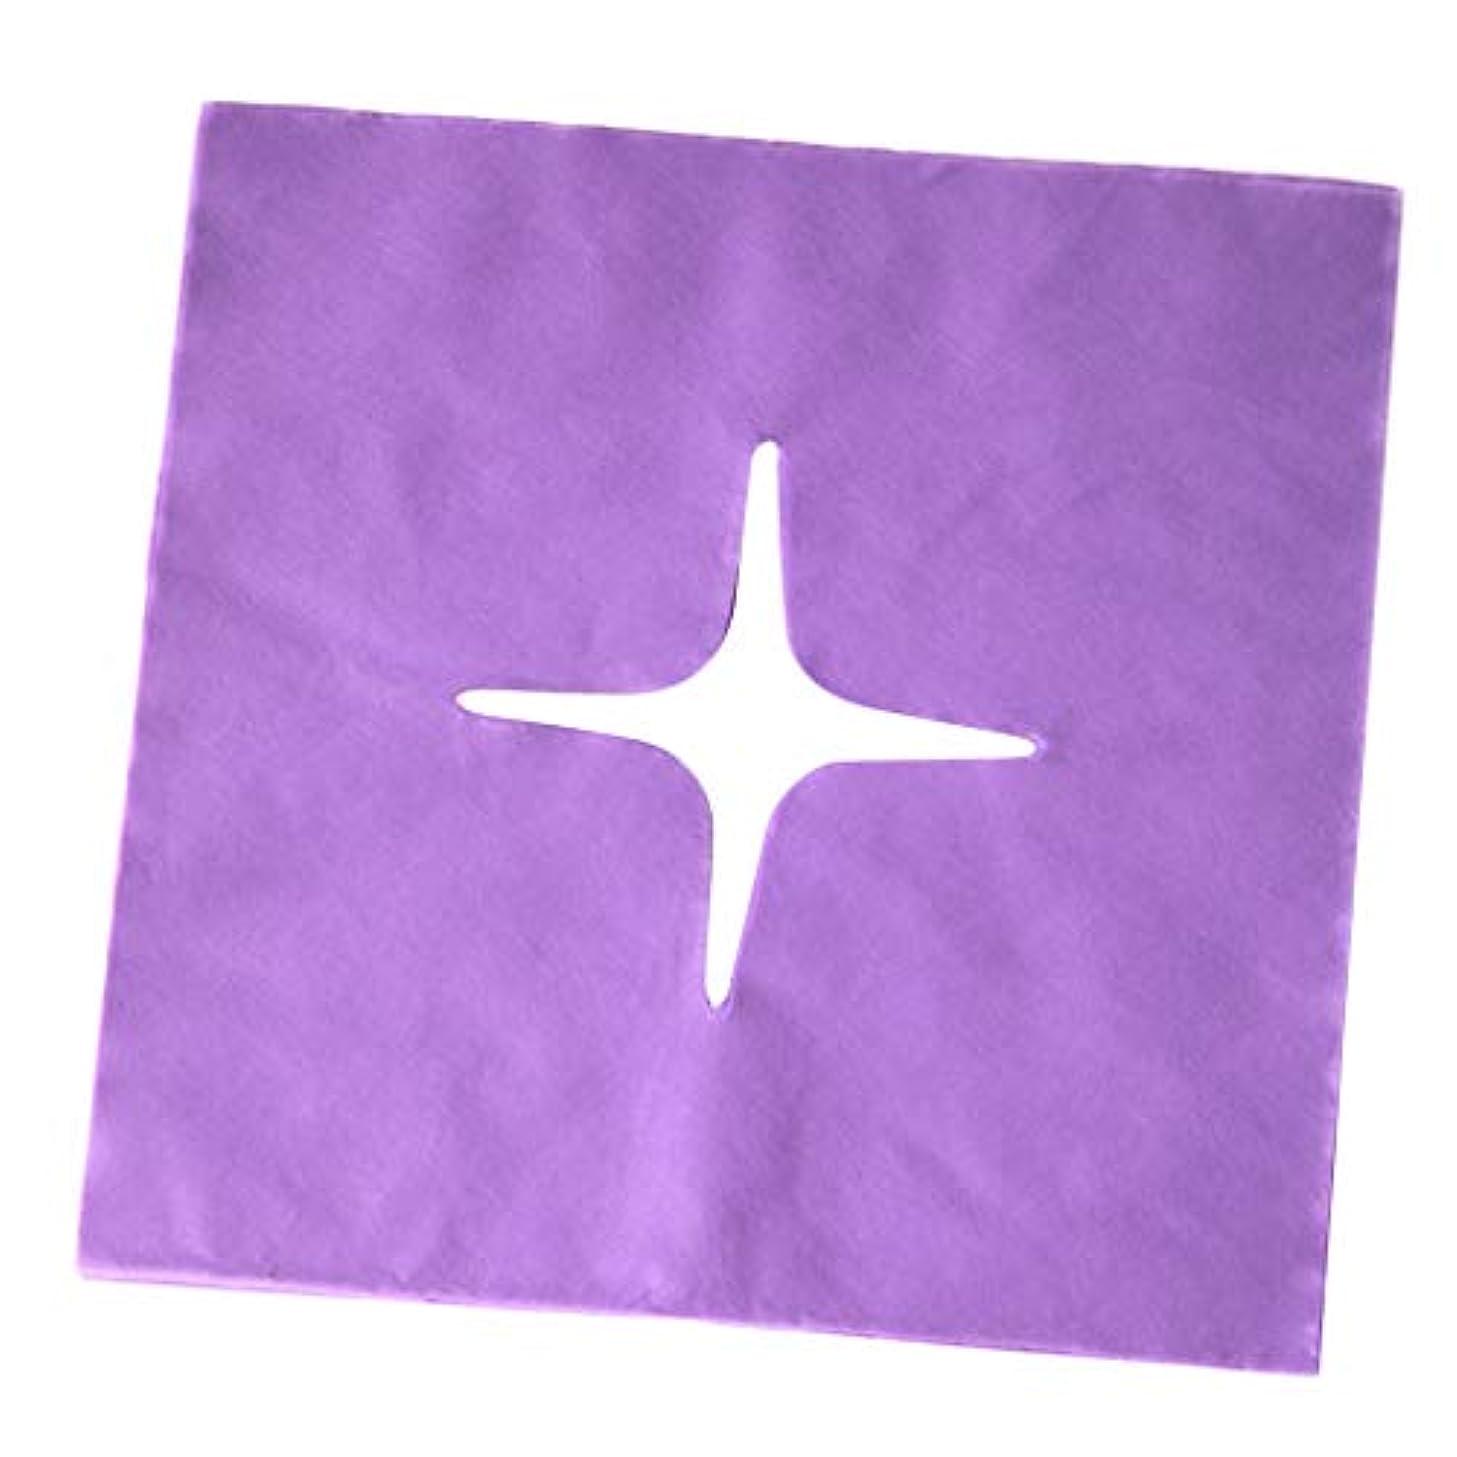 大通り成熟技術者マッサージ フェイスクレードルカバー スパ用 美容院 ビューティーサロン マッサージサロン 全3色 - 紫の